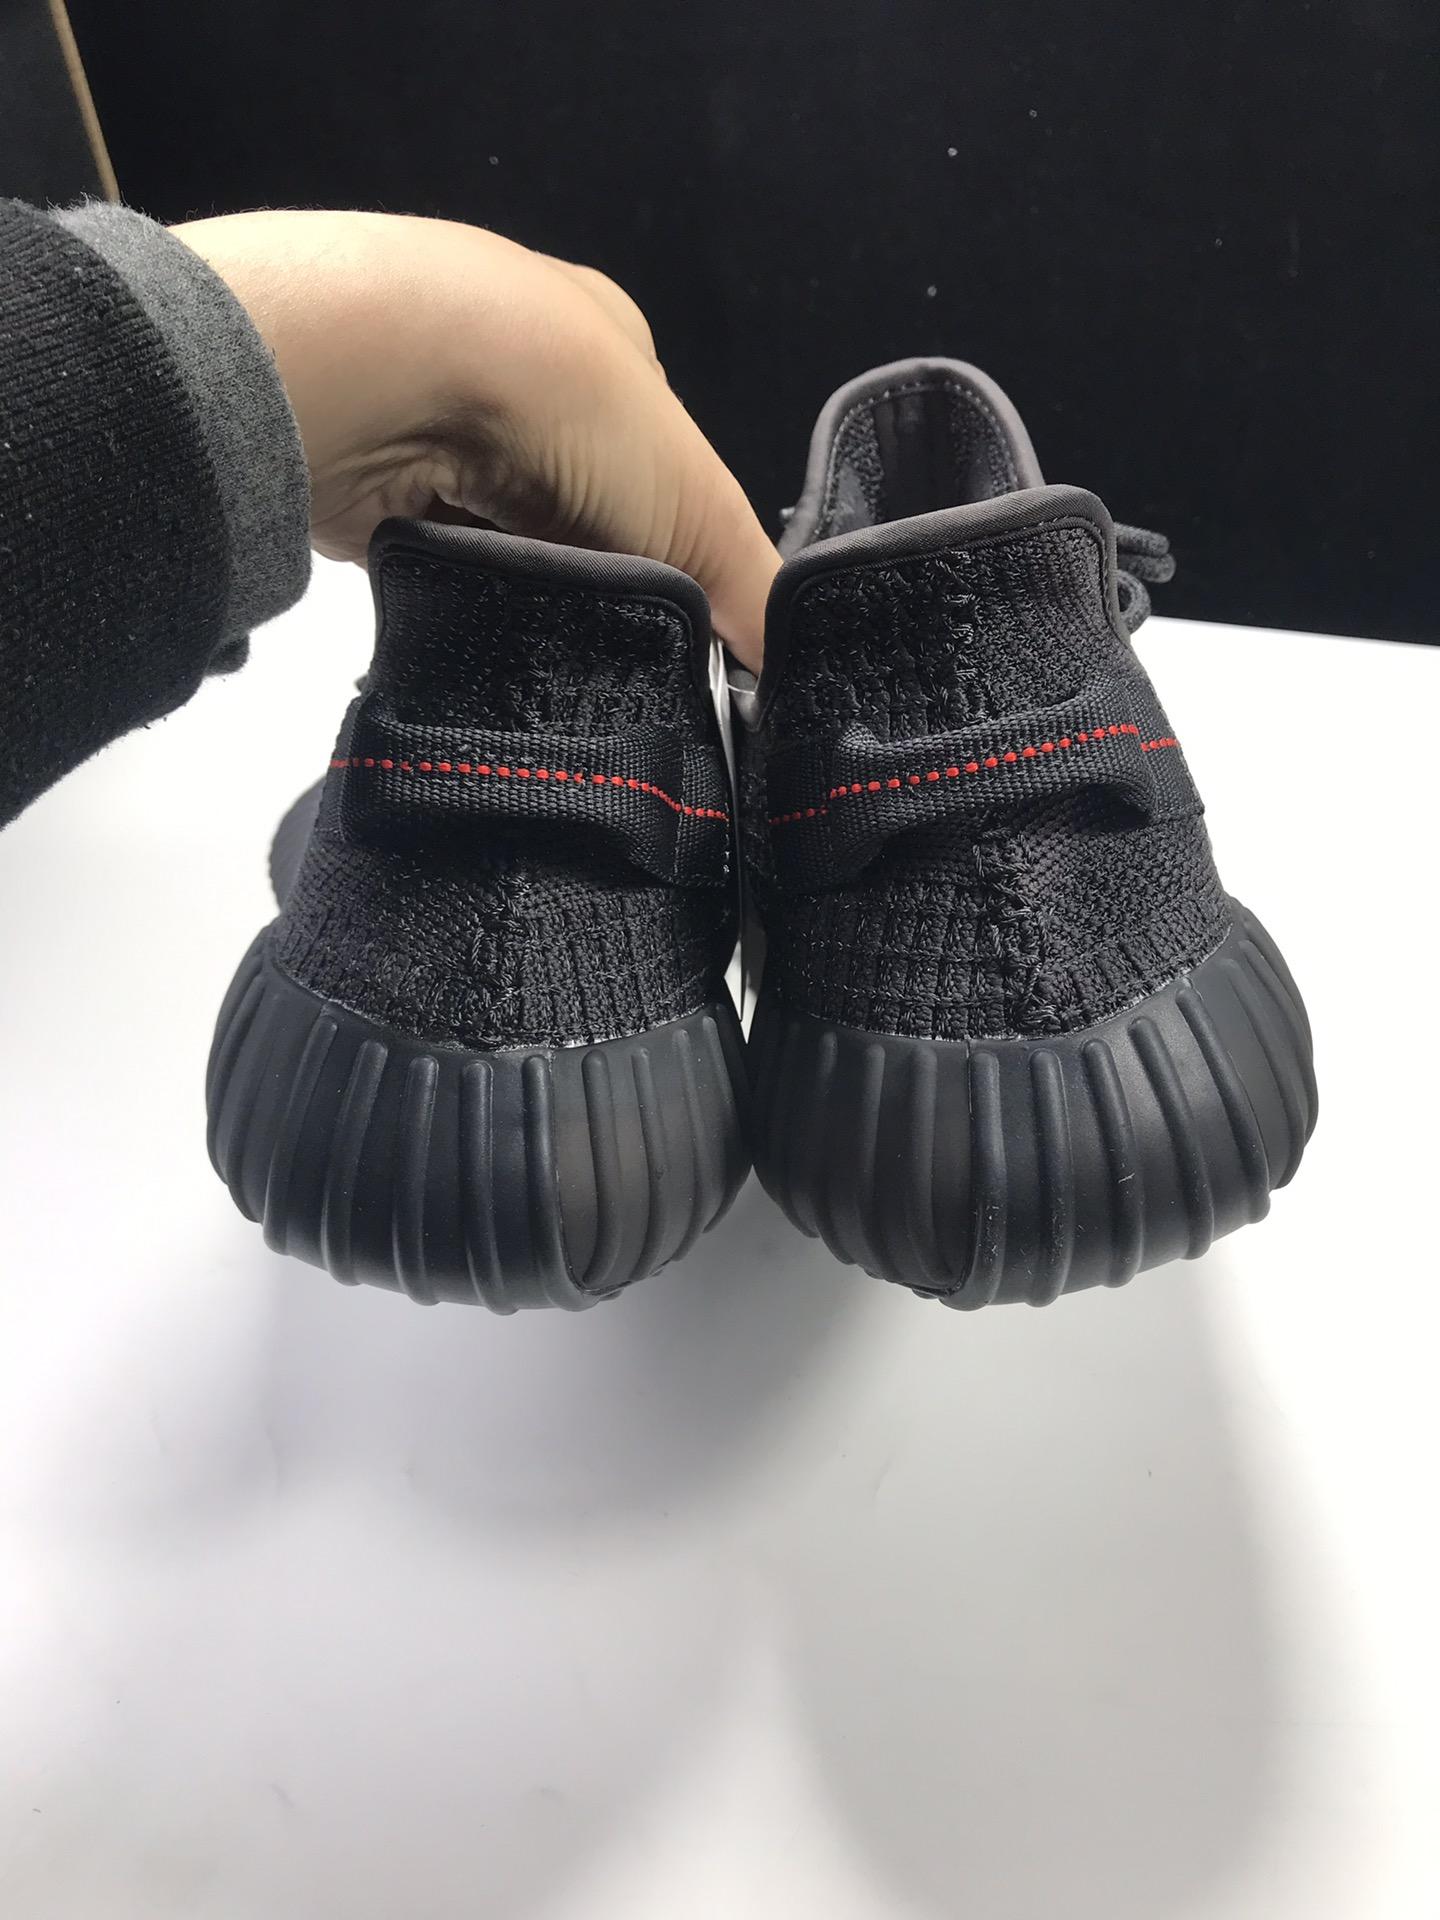 """【特供版:350V2】 黑满天星  Adidas Yeezy Boost 350 V2 """"BLACK STATIC"""",货号:FU9007_Ljr版本黑灰影子"""